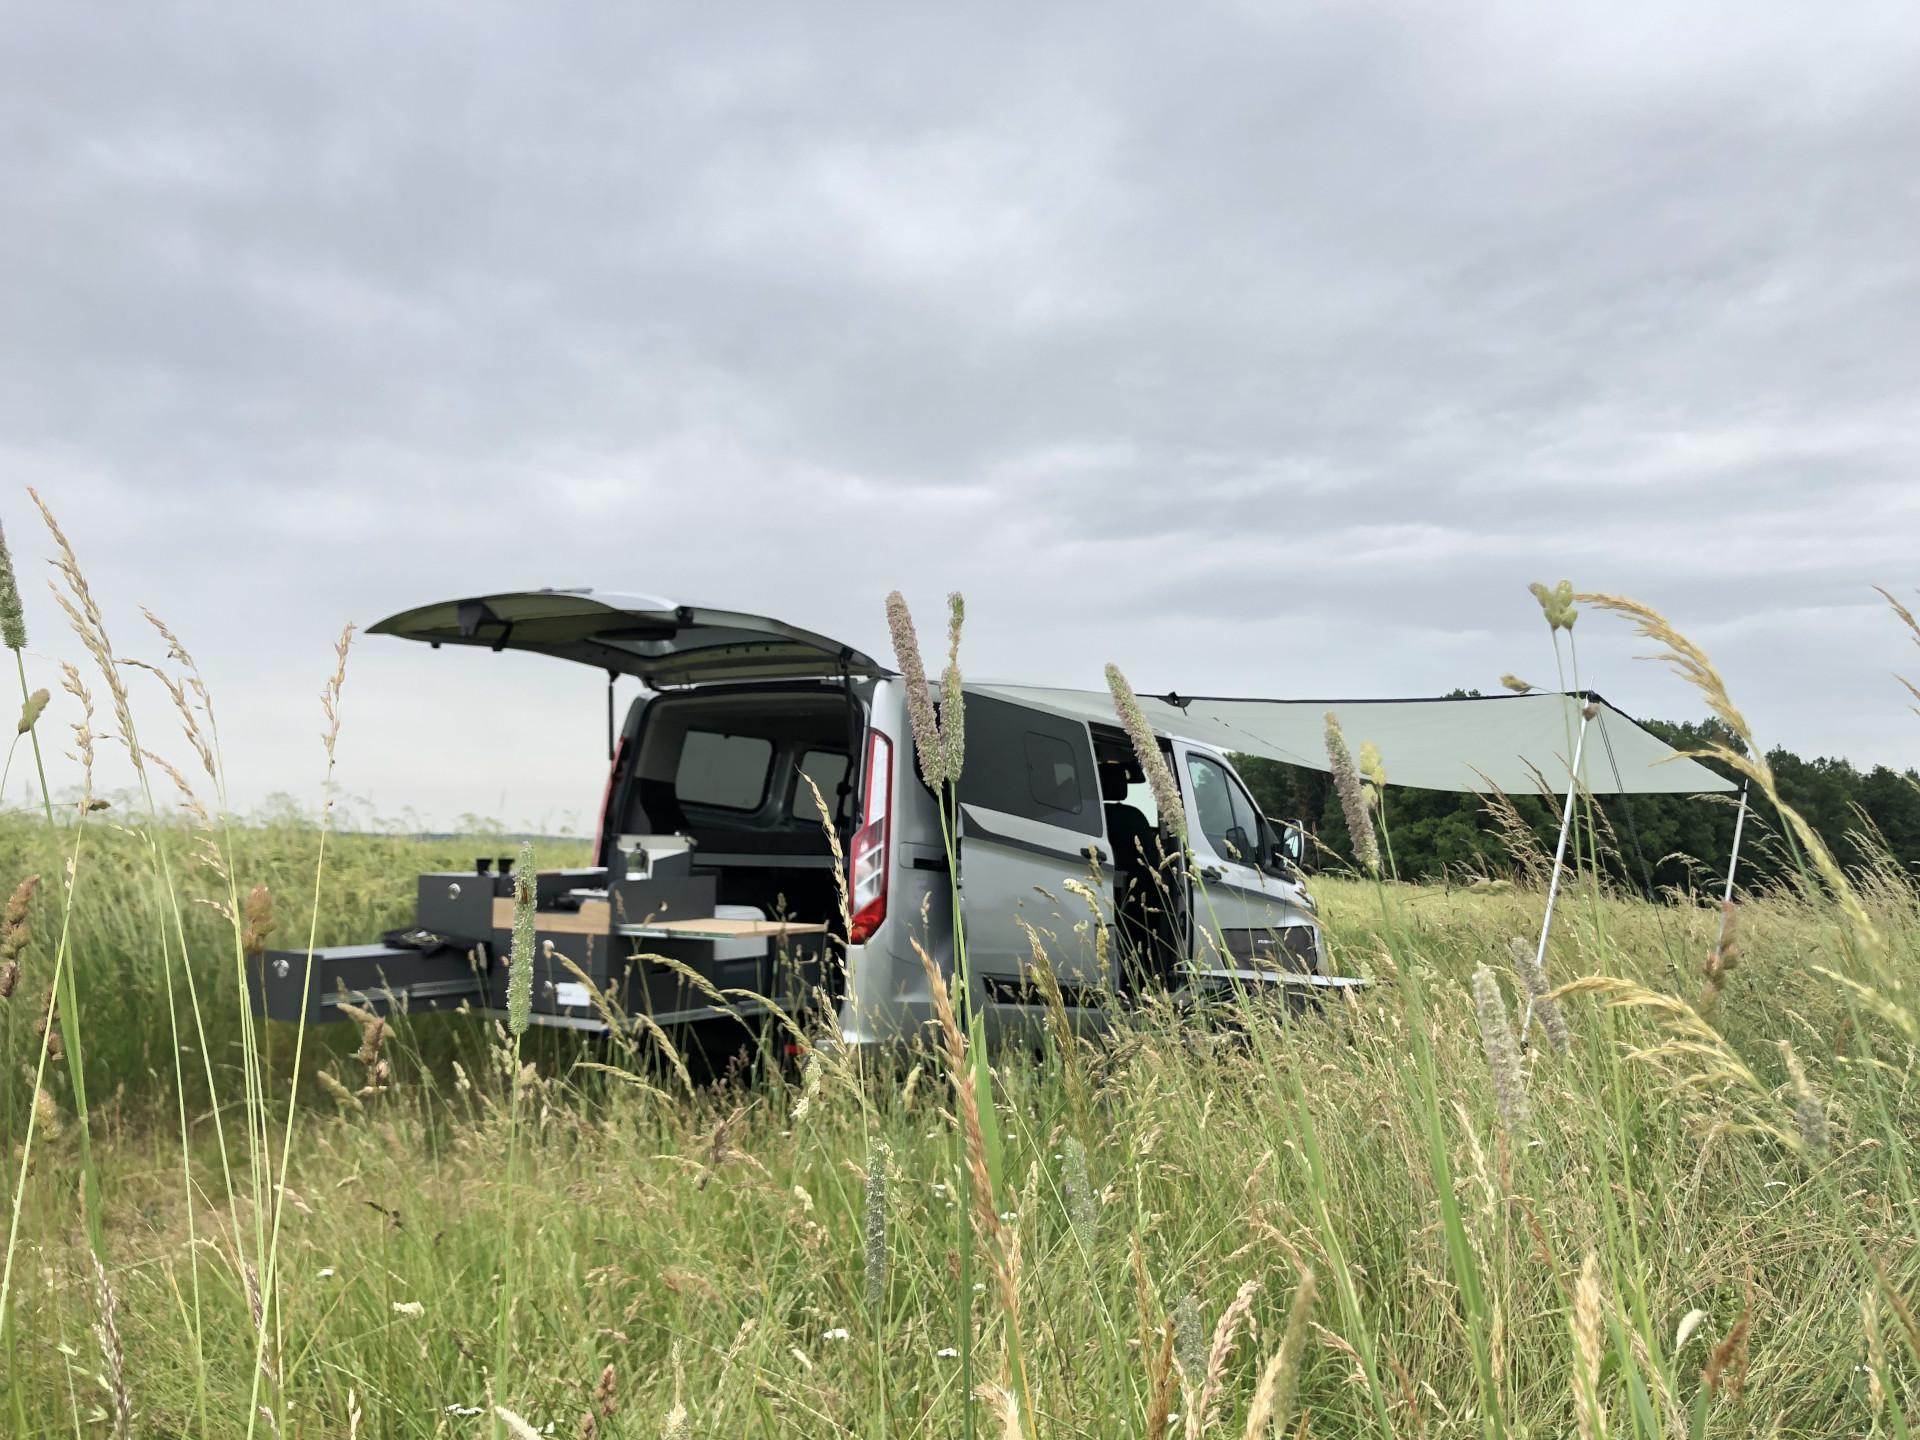 Der Campingbus steht auf sommerlicher Blumenwiese.